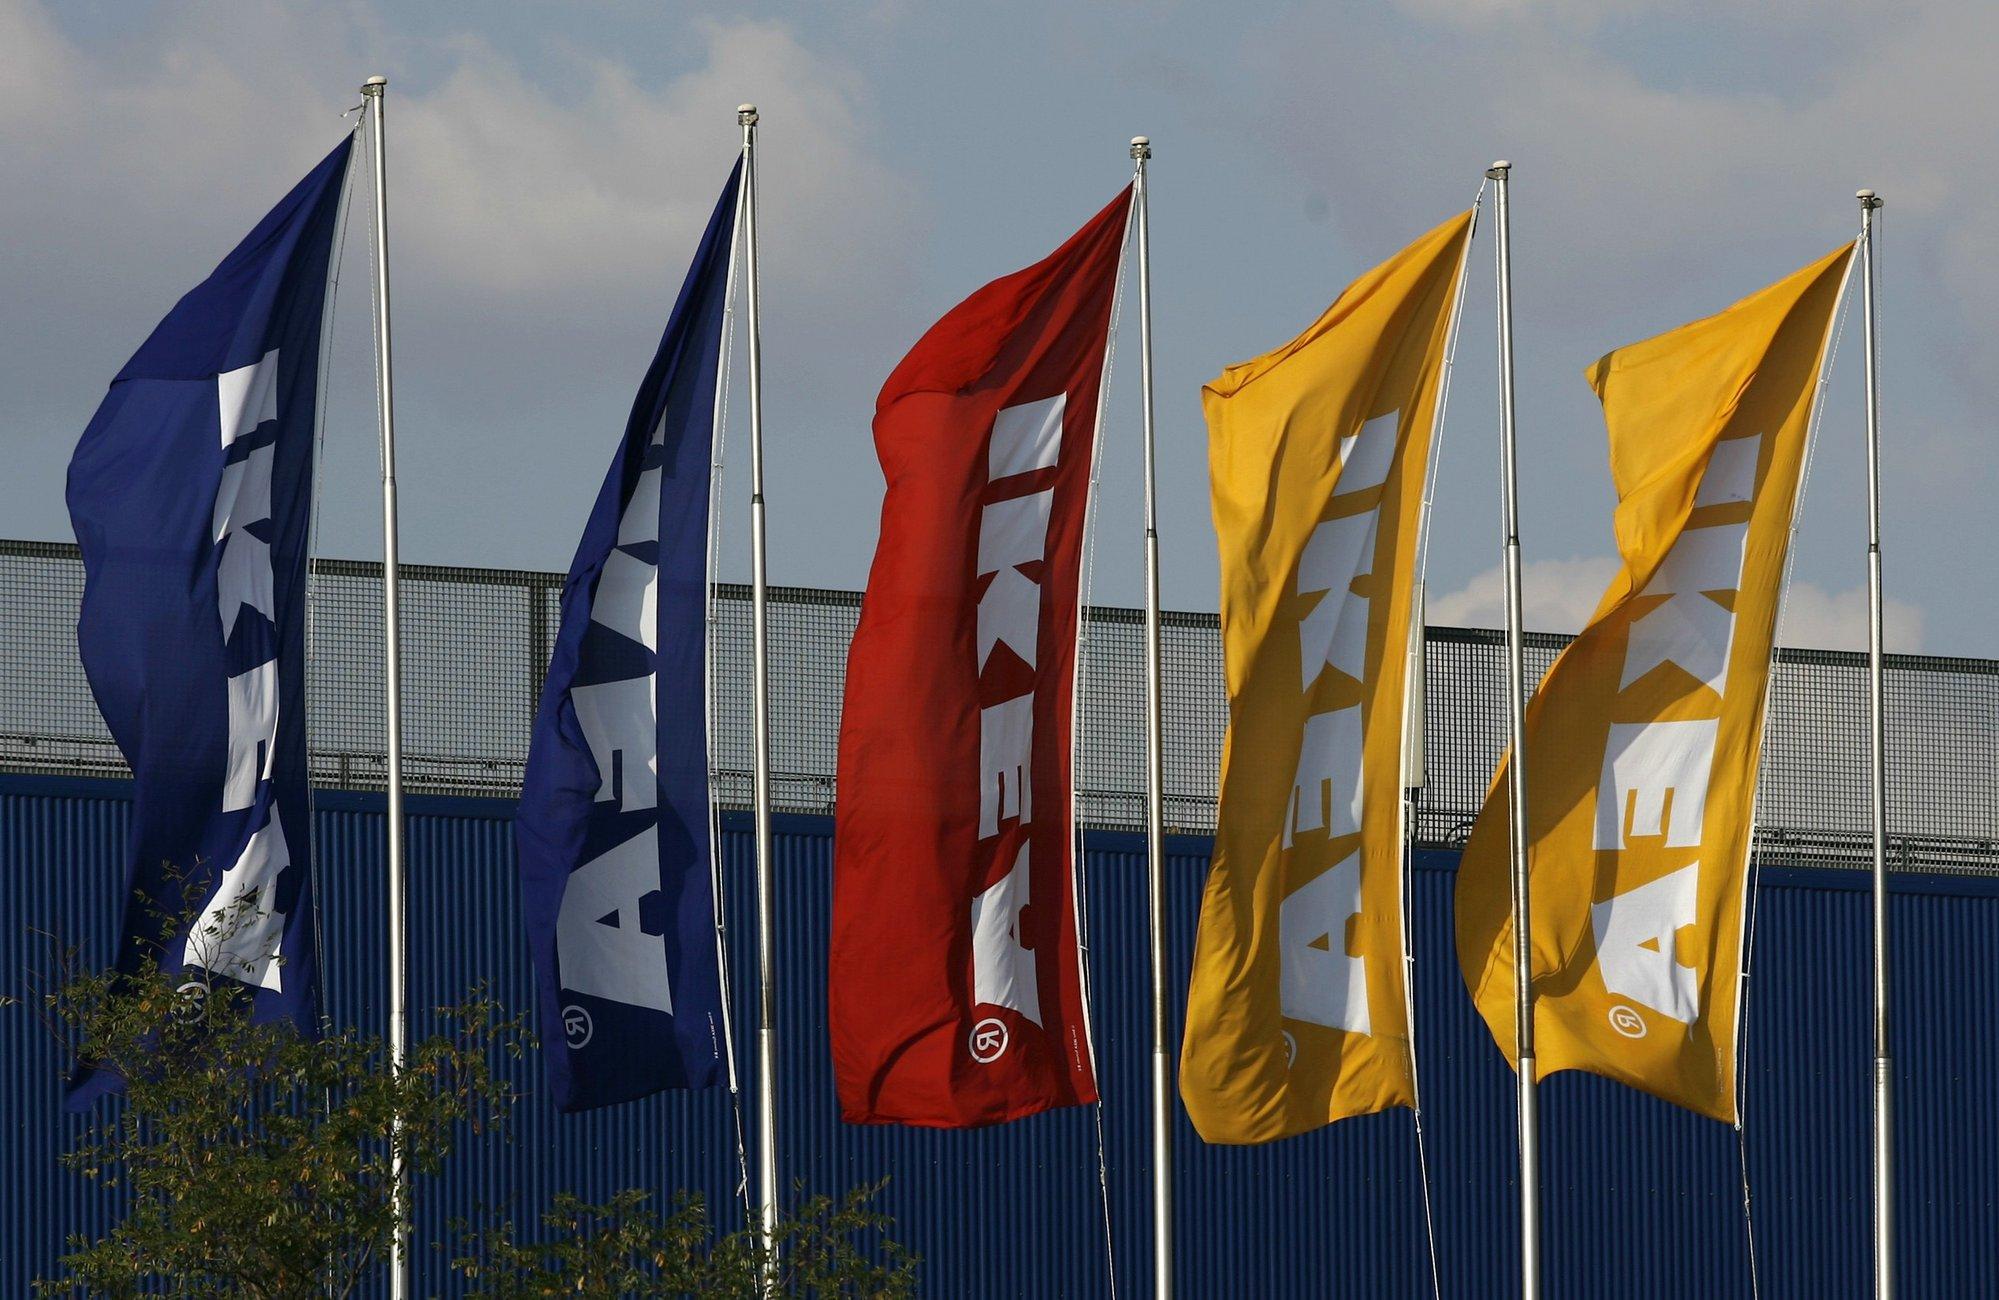 Ikea dice que «aún quedan muchos hitos urbanísticos que solucionar» en su proyecto de Sevilla